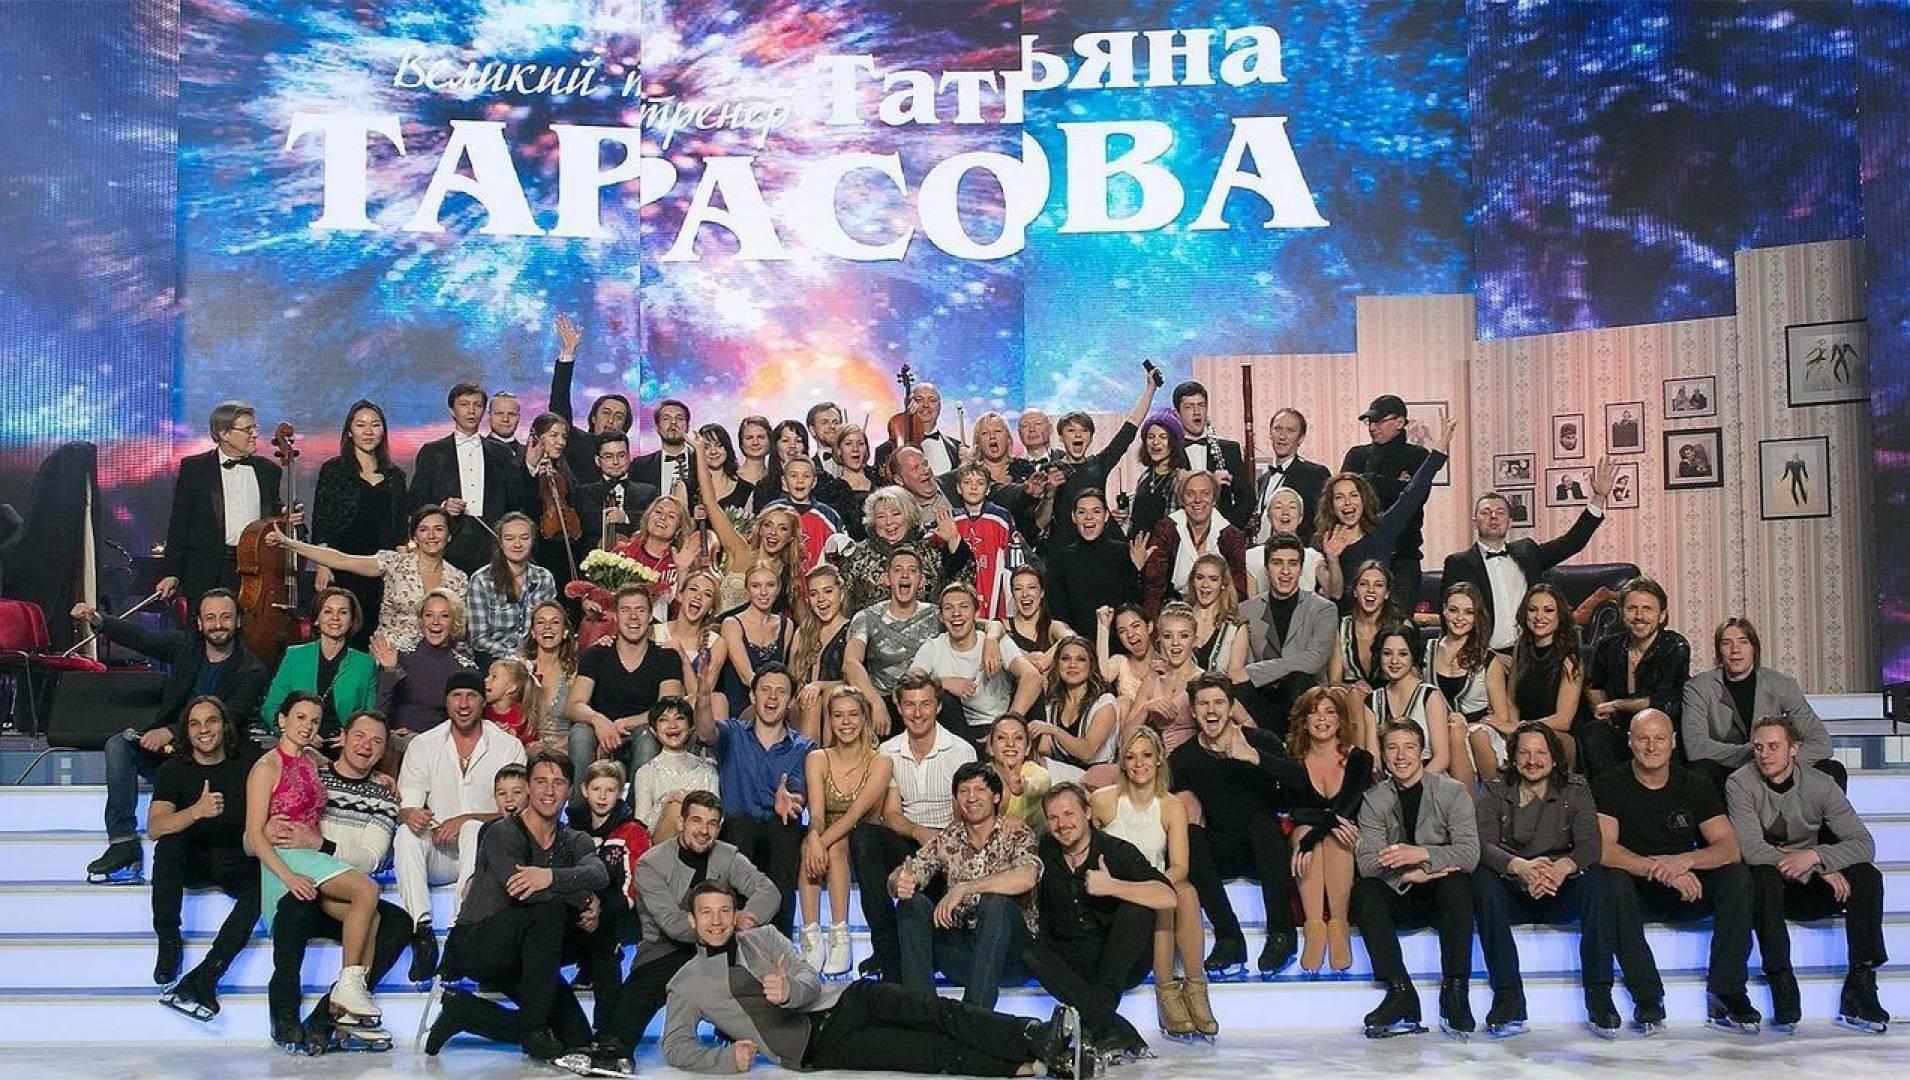 Юбилейный вечер Татьяны Тарасовой - Концерт